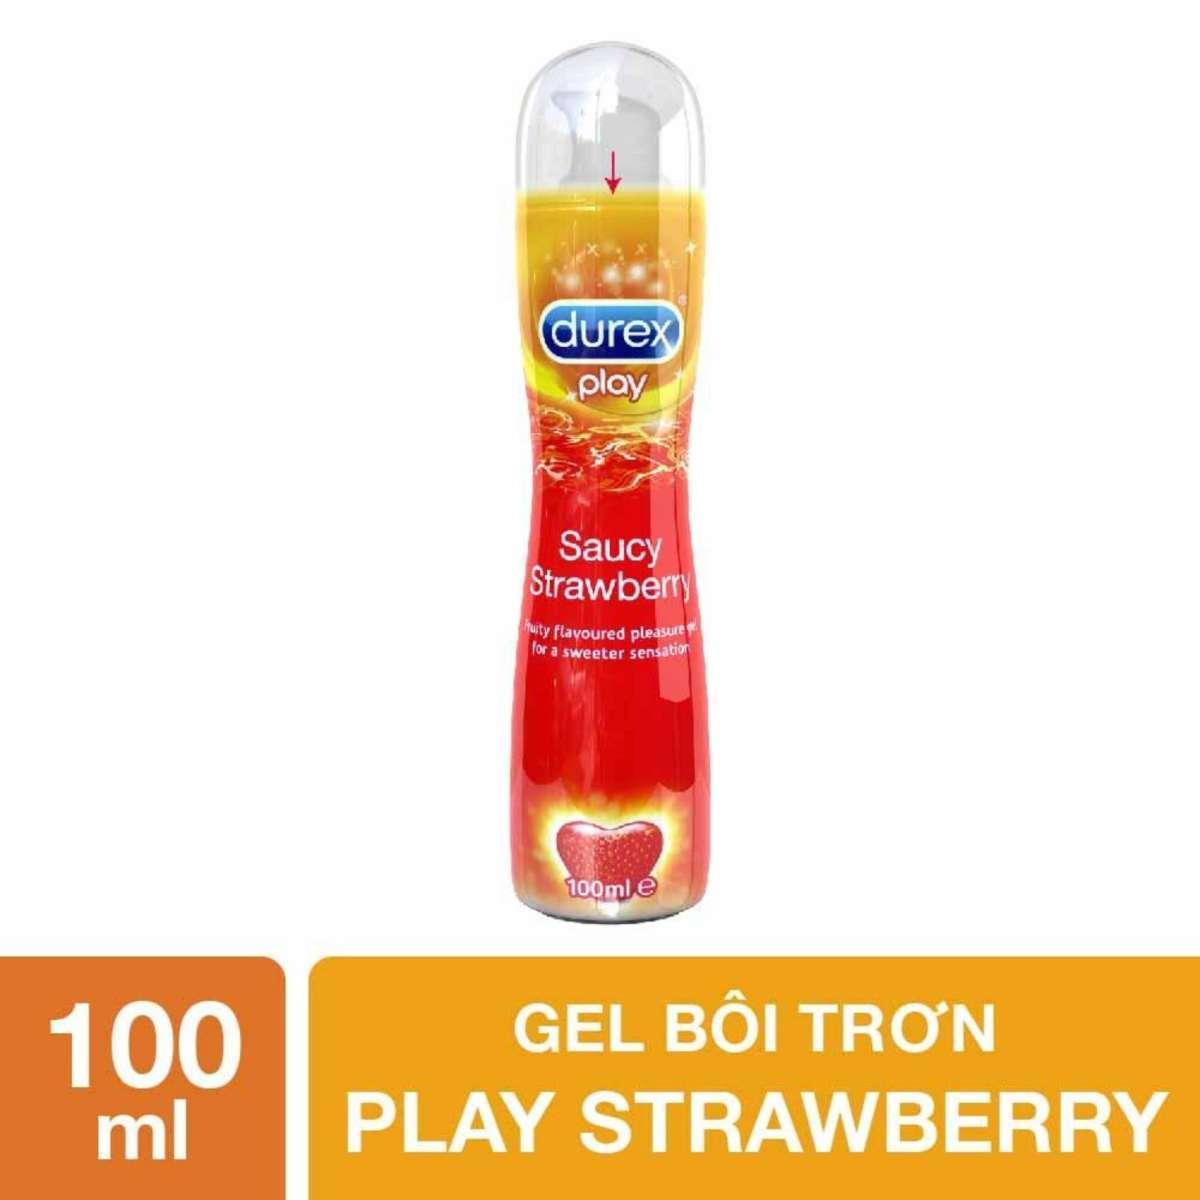 Gel bôi trơn Durex Play Strawberry 100ml - Hương vị ngọt ngào nhập khẩu